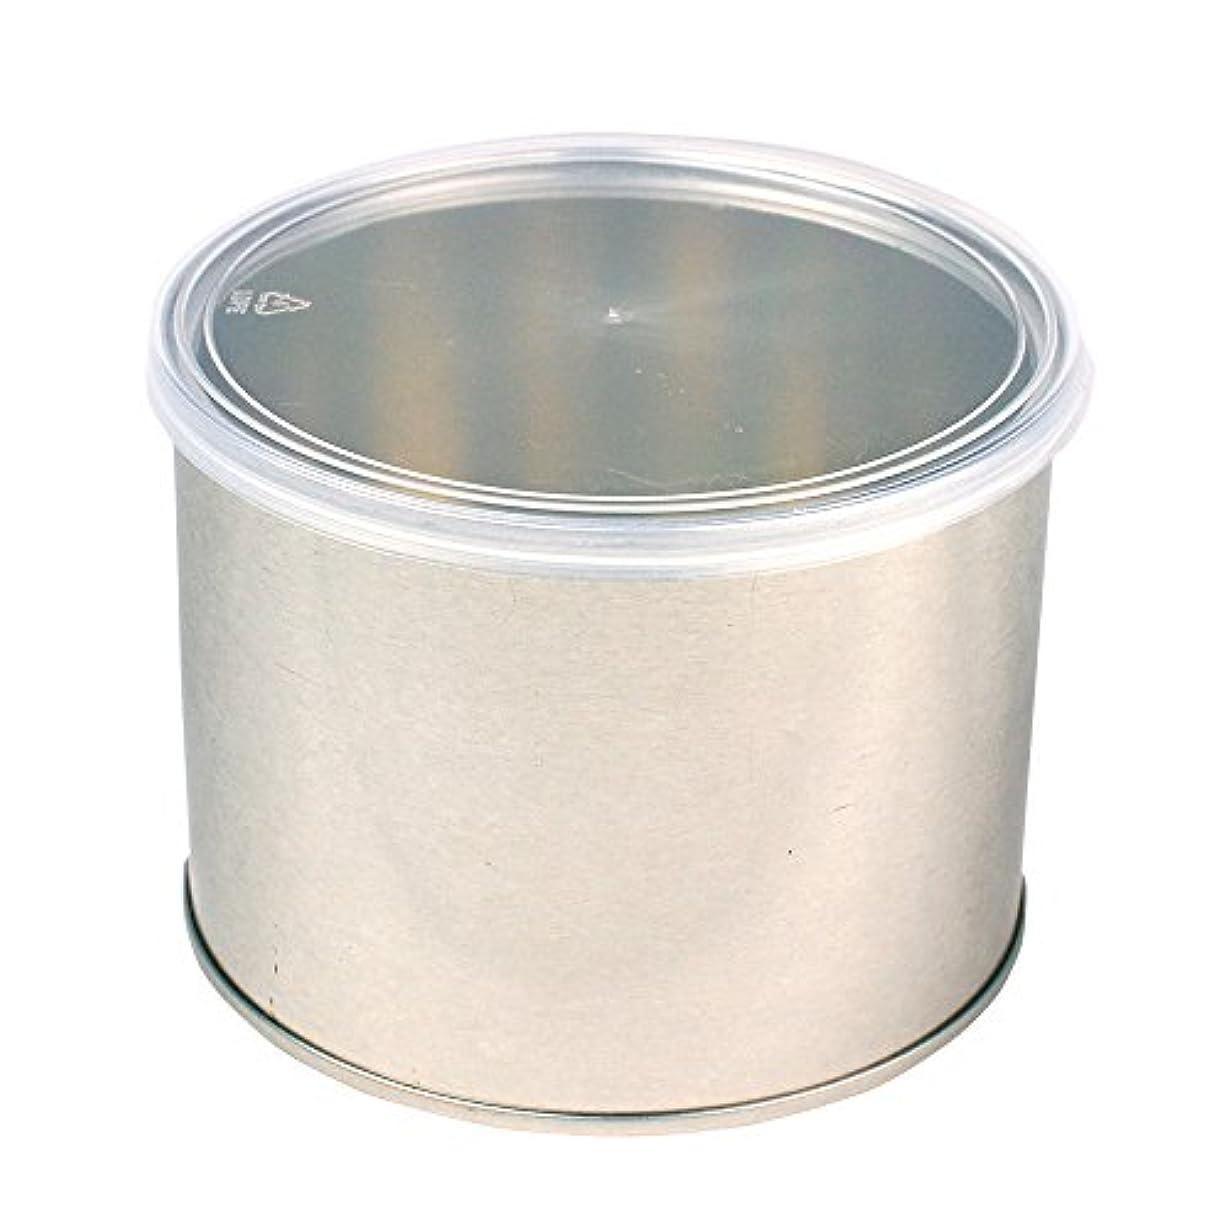 ぶら下がる結果西ワックス脱毛用スチール缶 ハード?ソフト両用 キャップ付 1個(032-1) ブラジリアンワックス